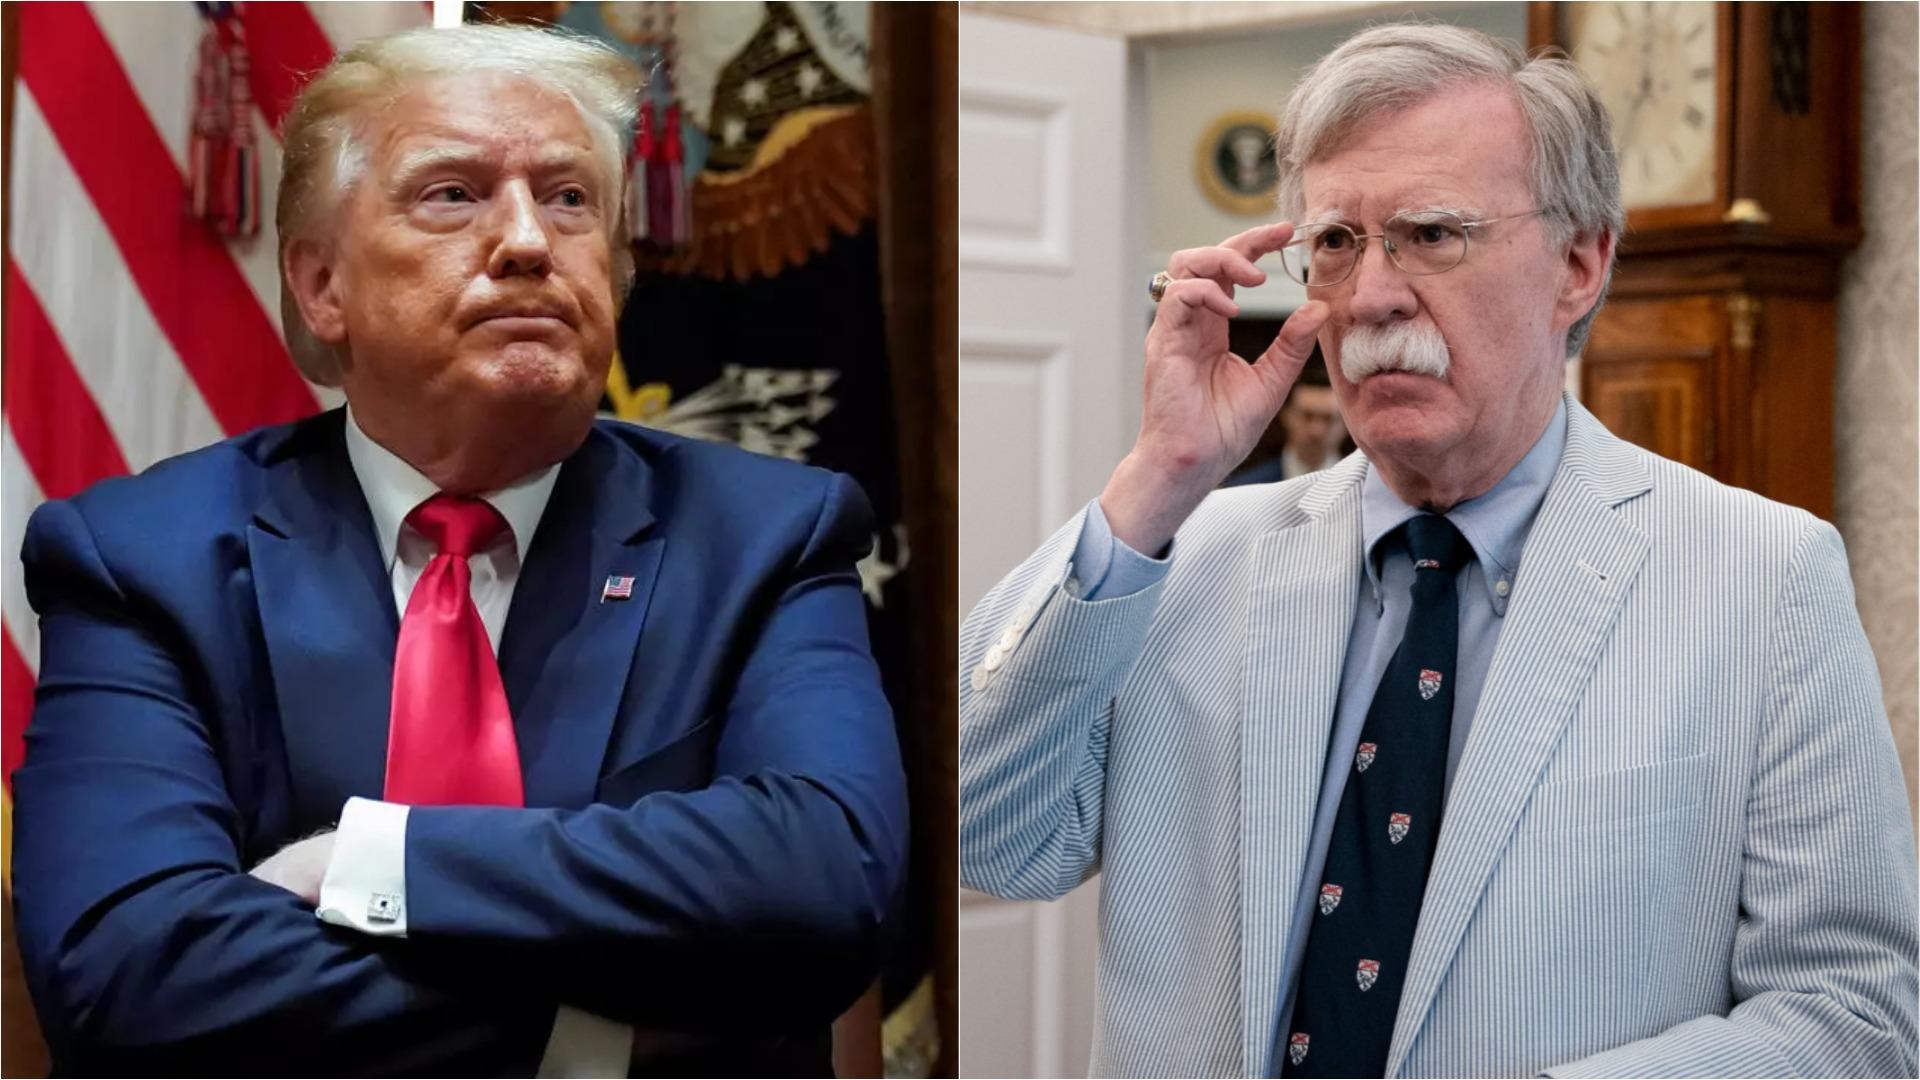 Bolton afirma que Trump quería dialogar con Maduro mucho antes de la autoproclamación de Guaidó